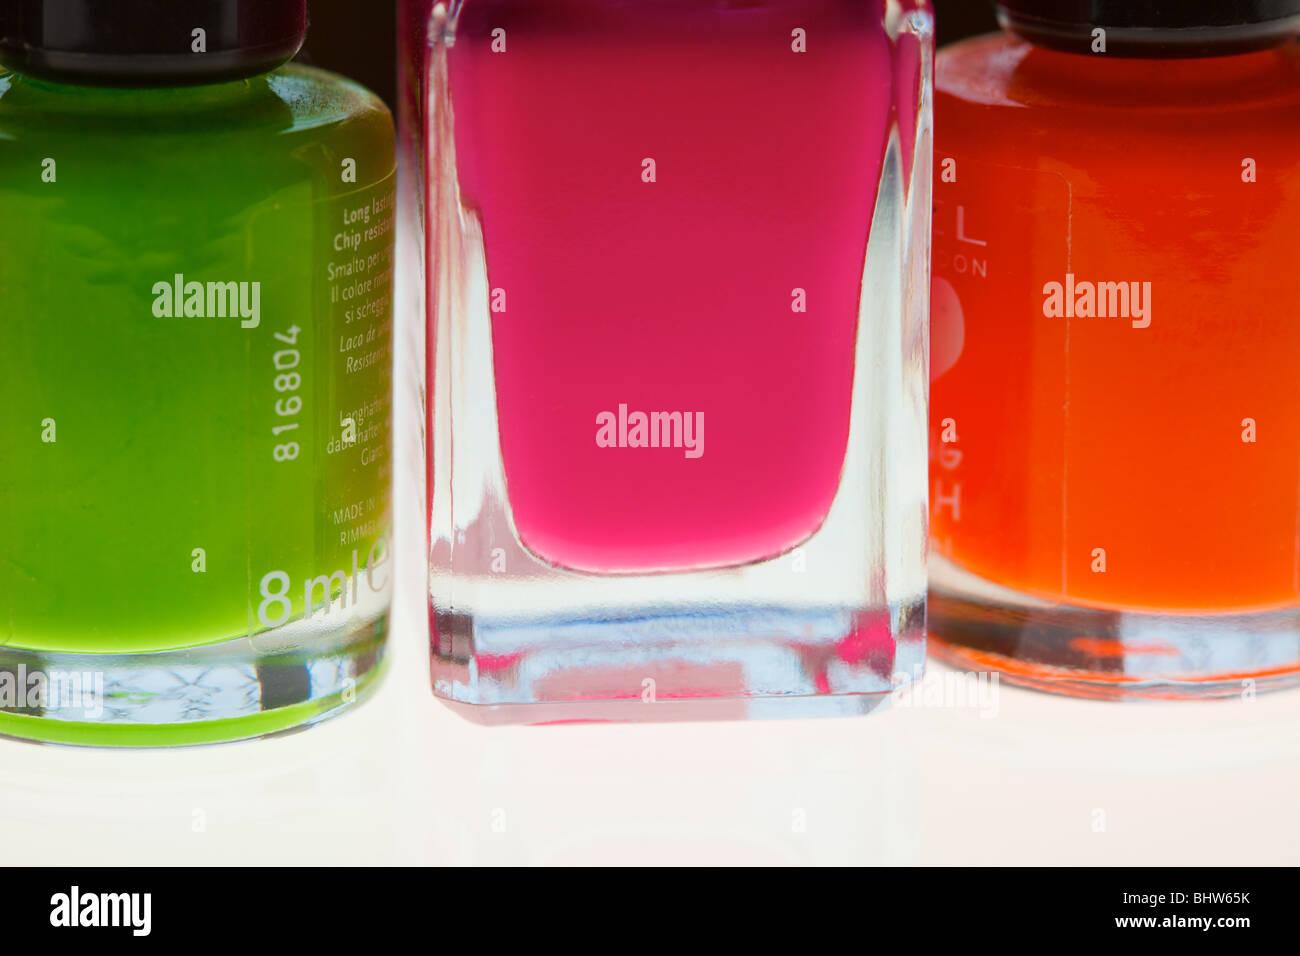 nail varnish bottles close up using a macro lens and lightbox - Stock Image